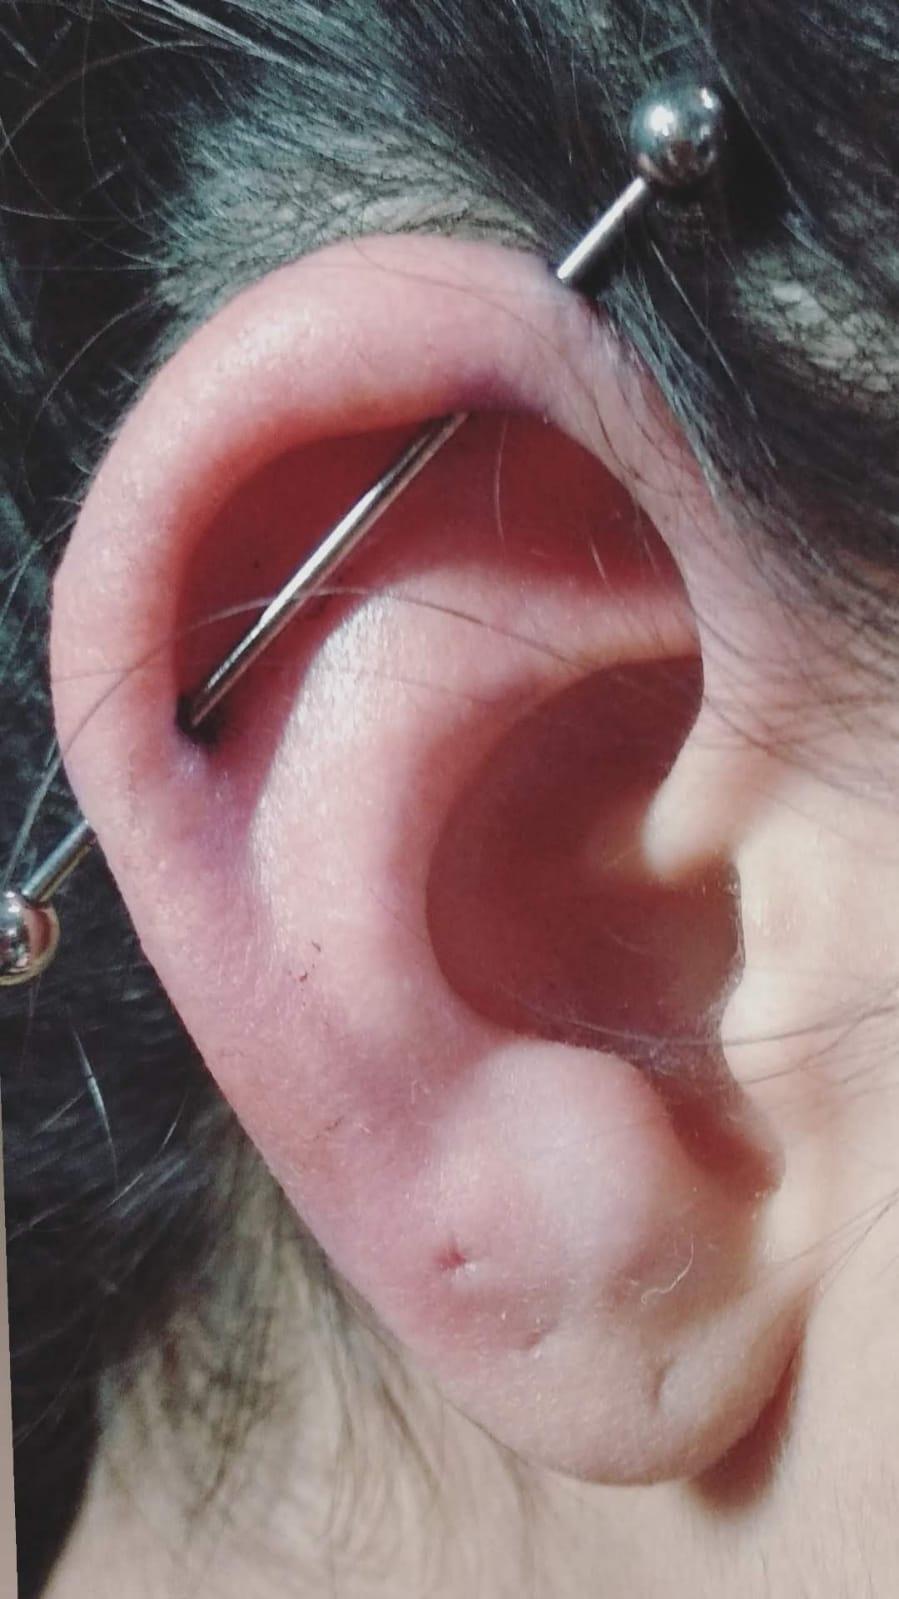 industrial piercing barbel  פירסינג אינדסטריאל חוצה אוזן הליקס קדמי ניקוב כפול מוט טיטניום